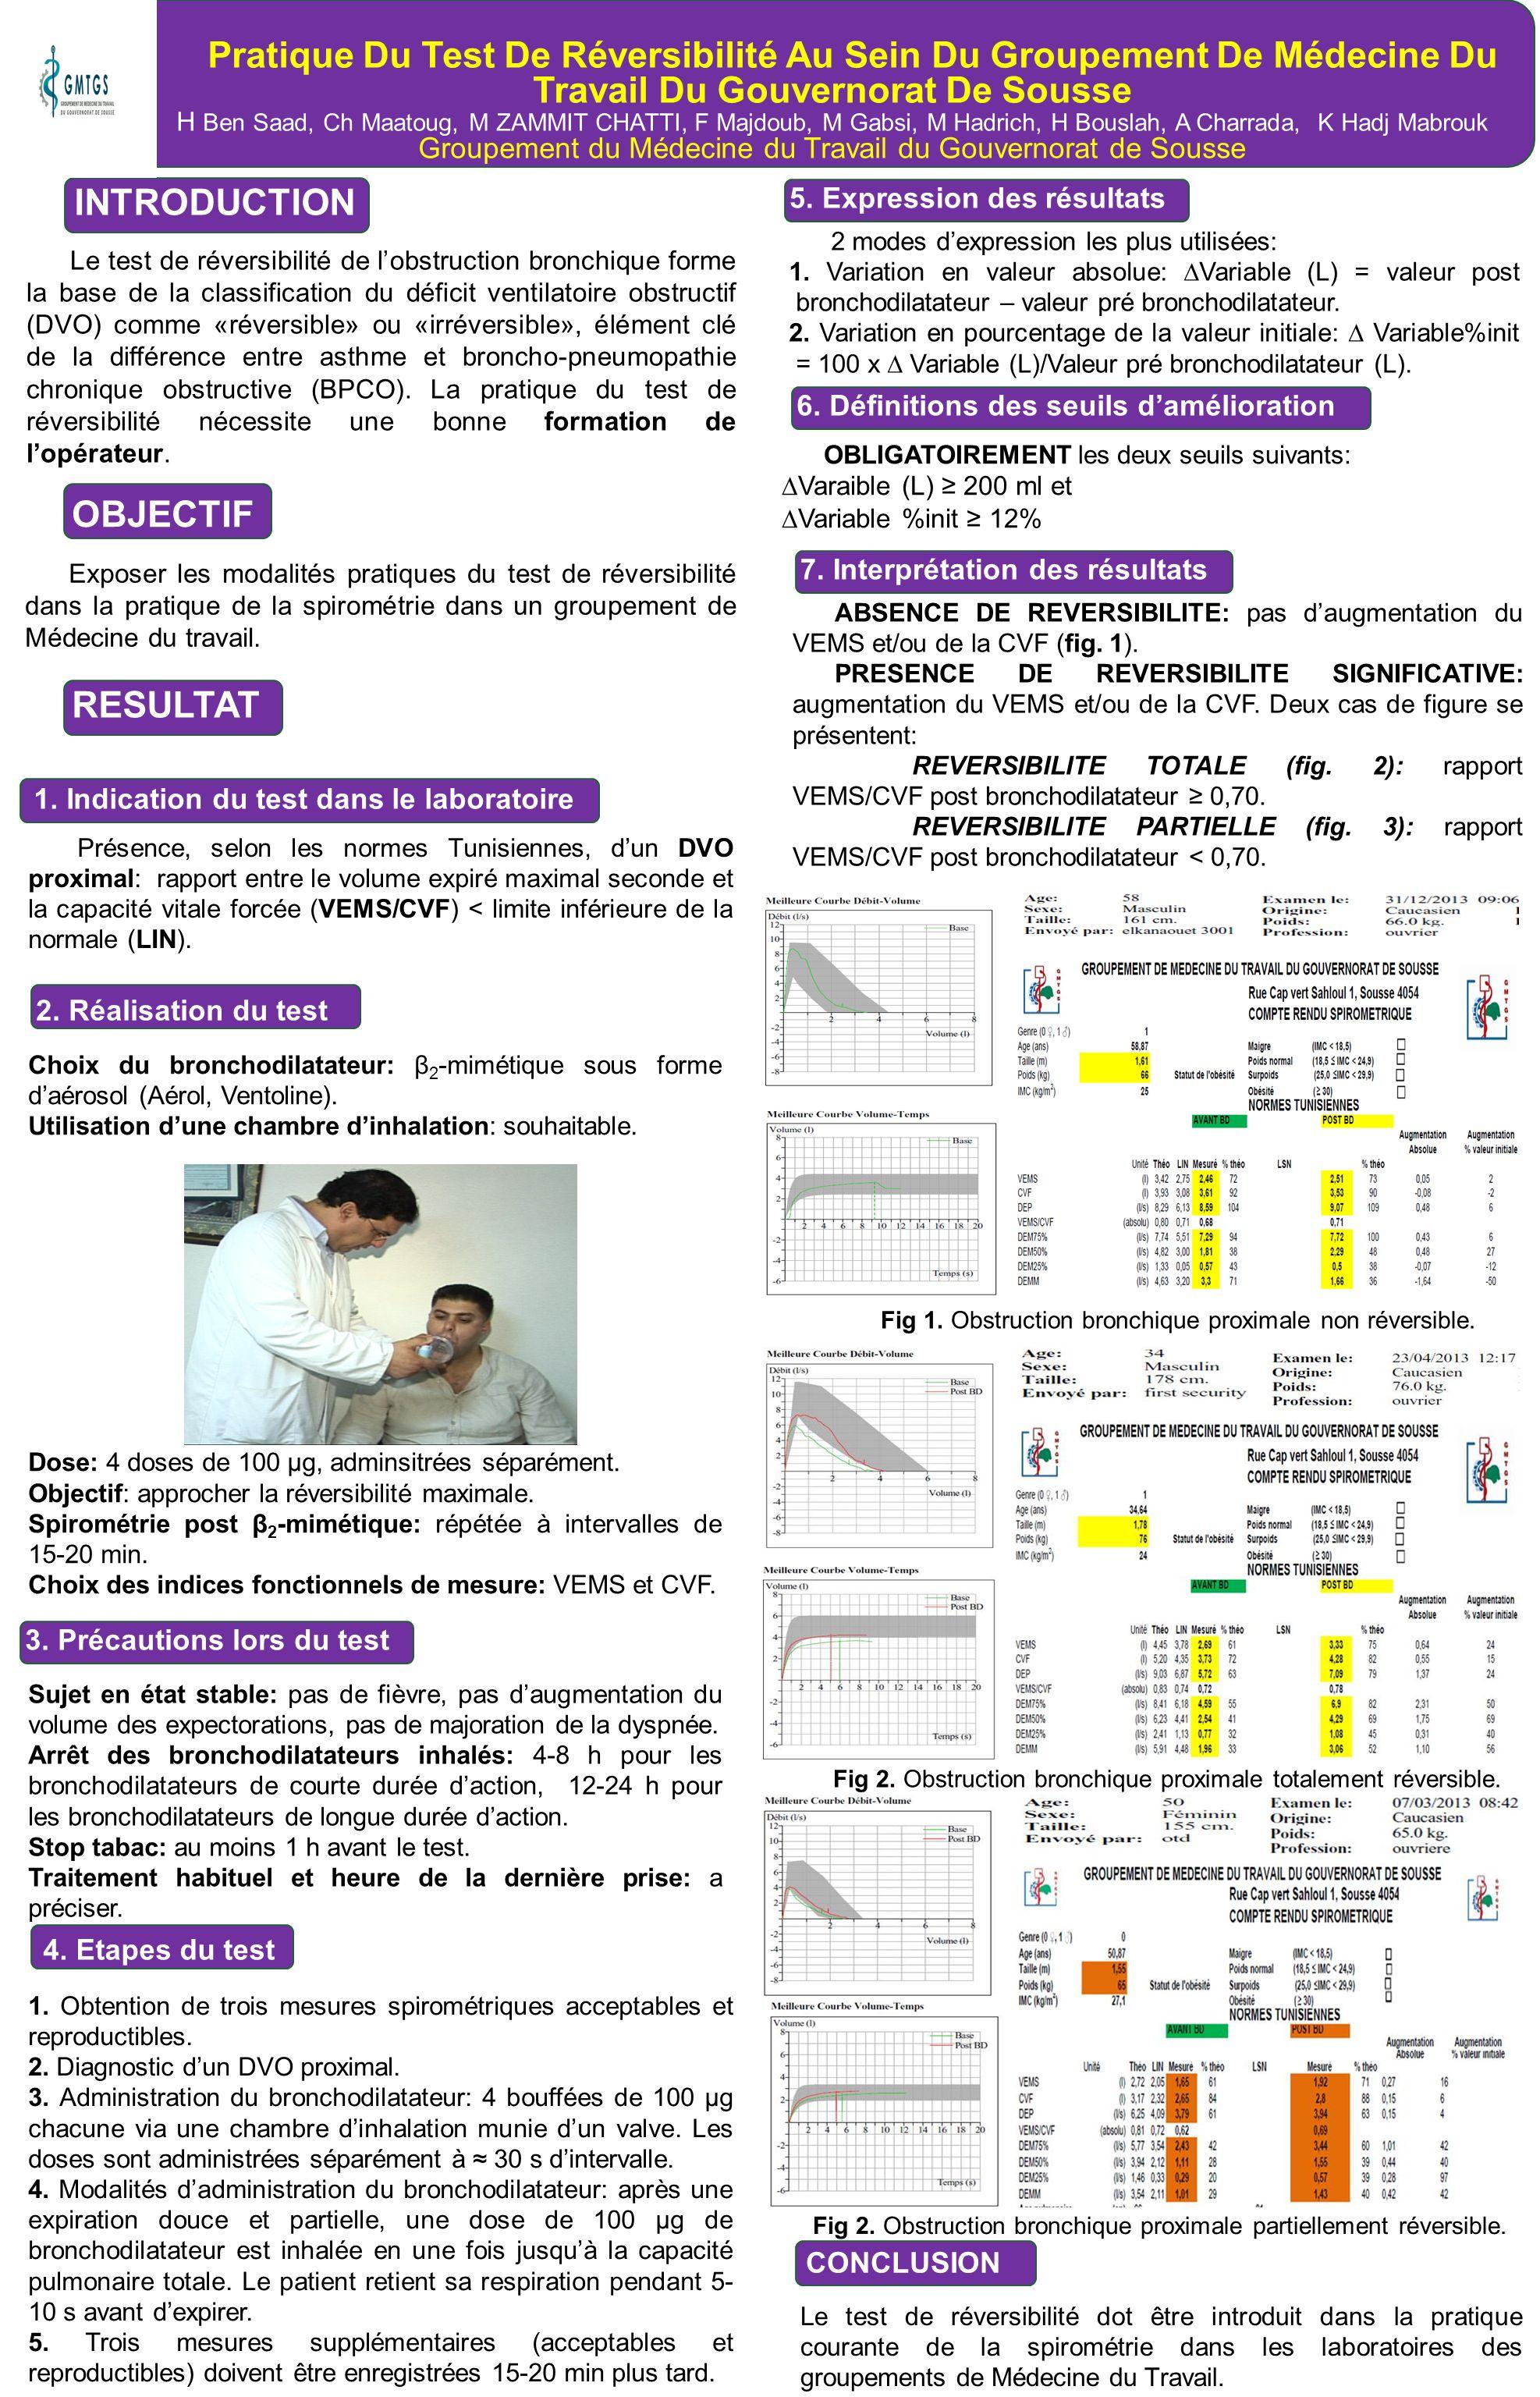 Pratique Du Test De Réversibilité Au Sein Du Groupement De Médecine Du Travail Du Gouvernorat De Sousse H Ben Saad, Ch Maatoug, M ZAMMIT CHATTI, F Maj